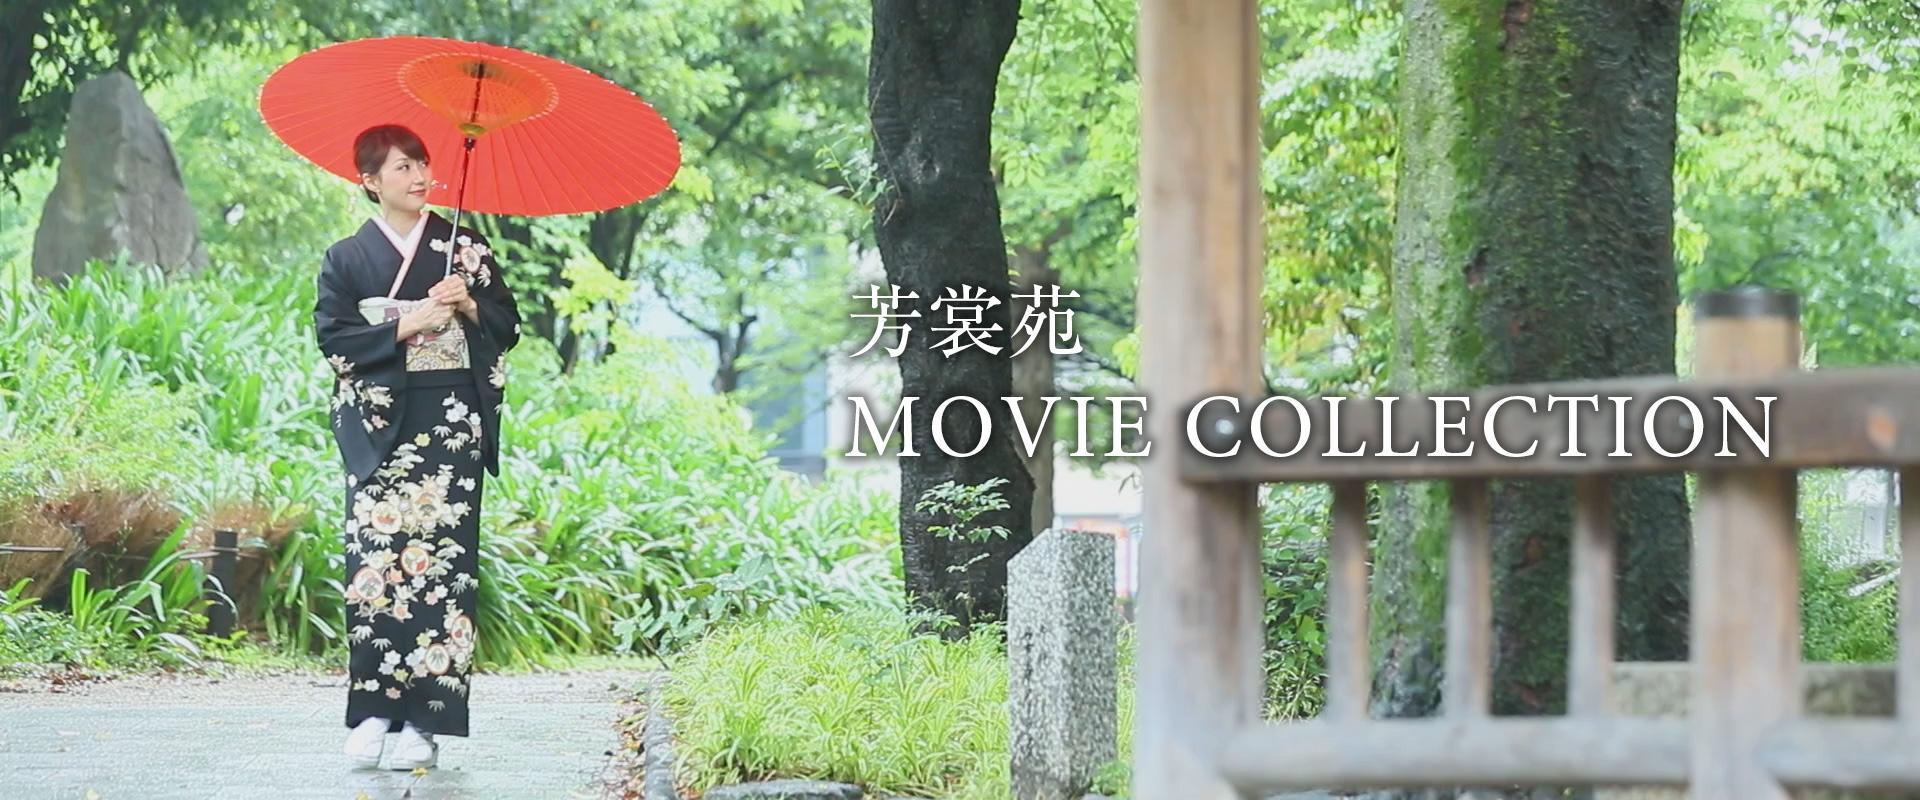 芳裳苑 MOVIE COLLECTION